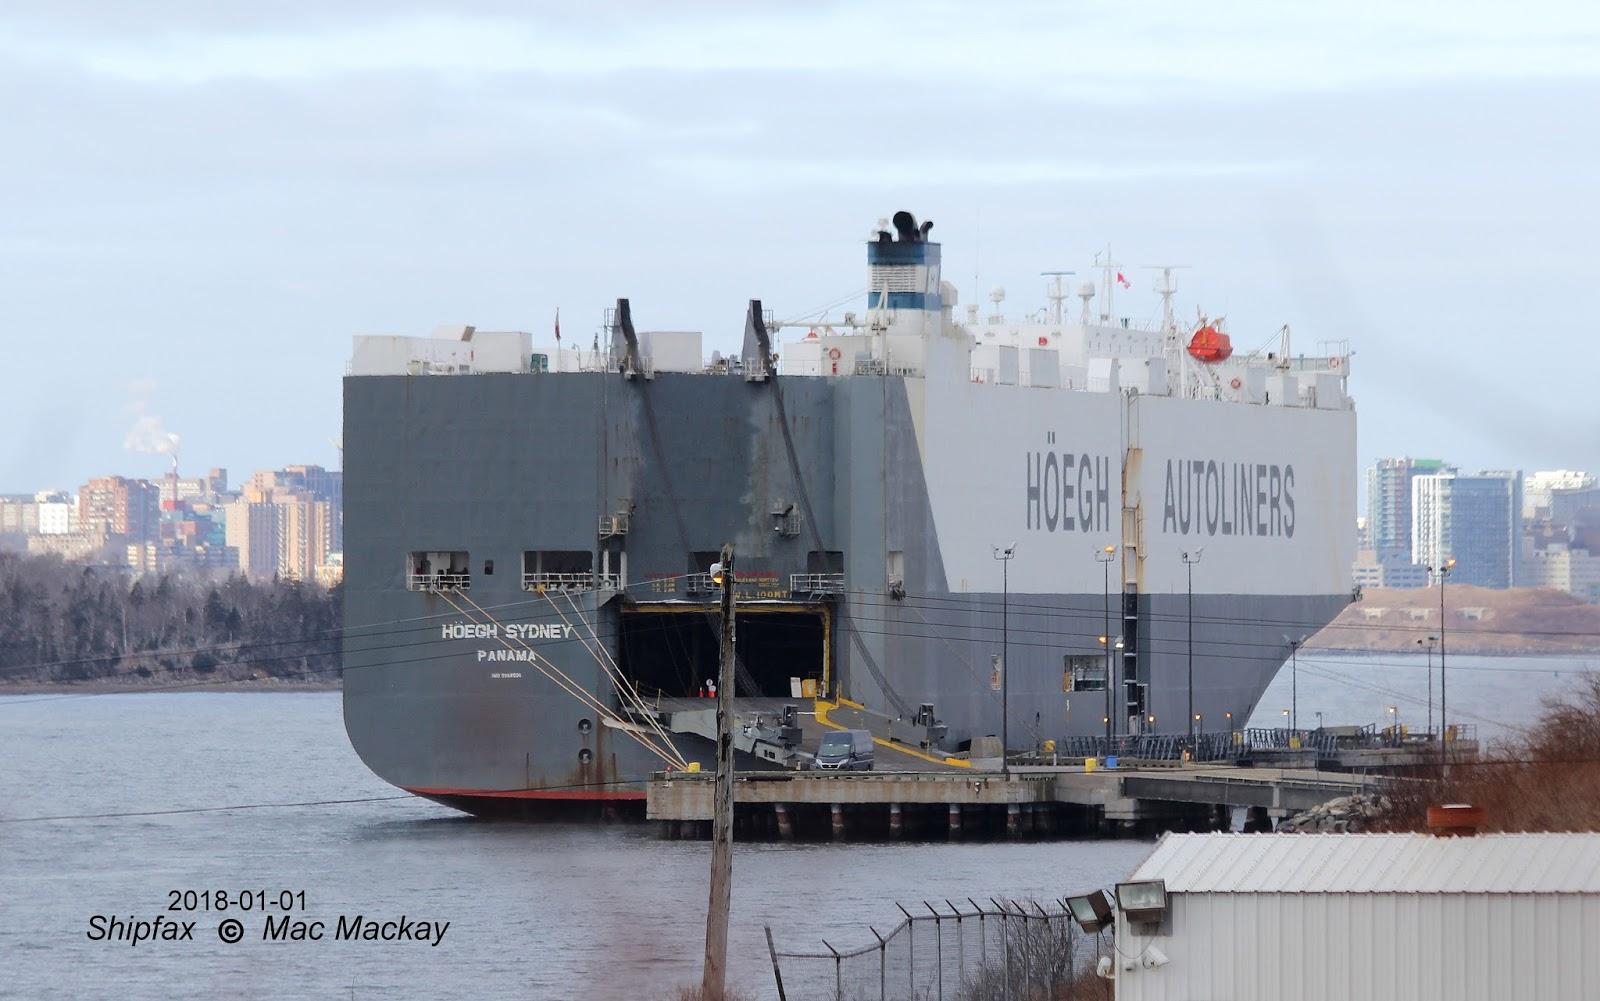 Shipfax: New Year's Tally